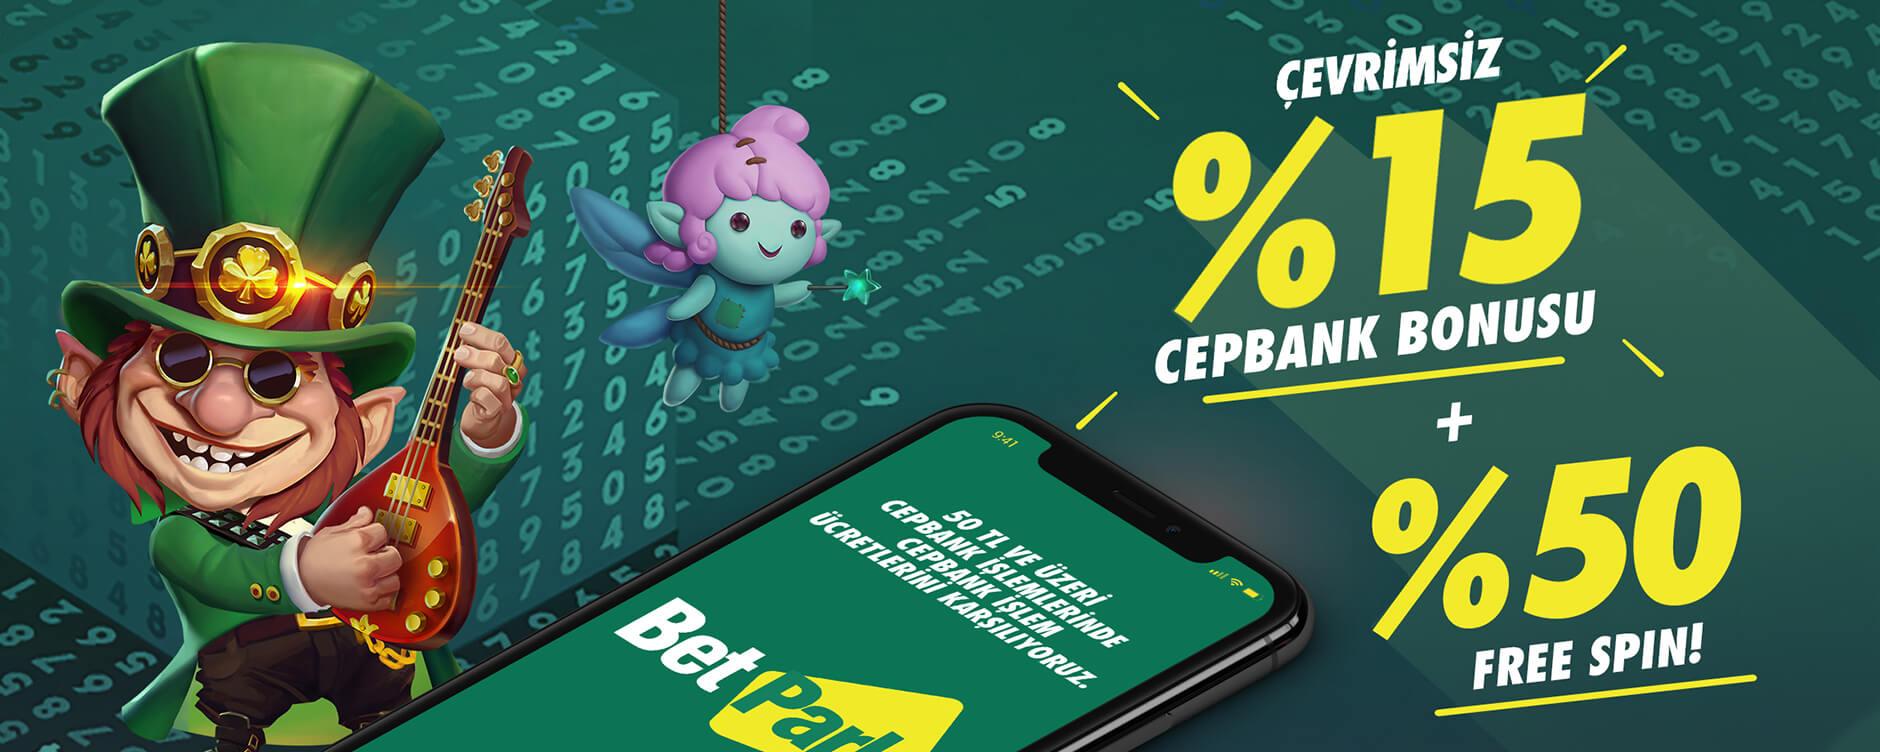 03 15 cepbank